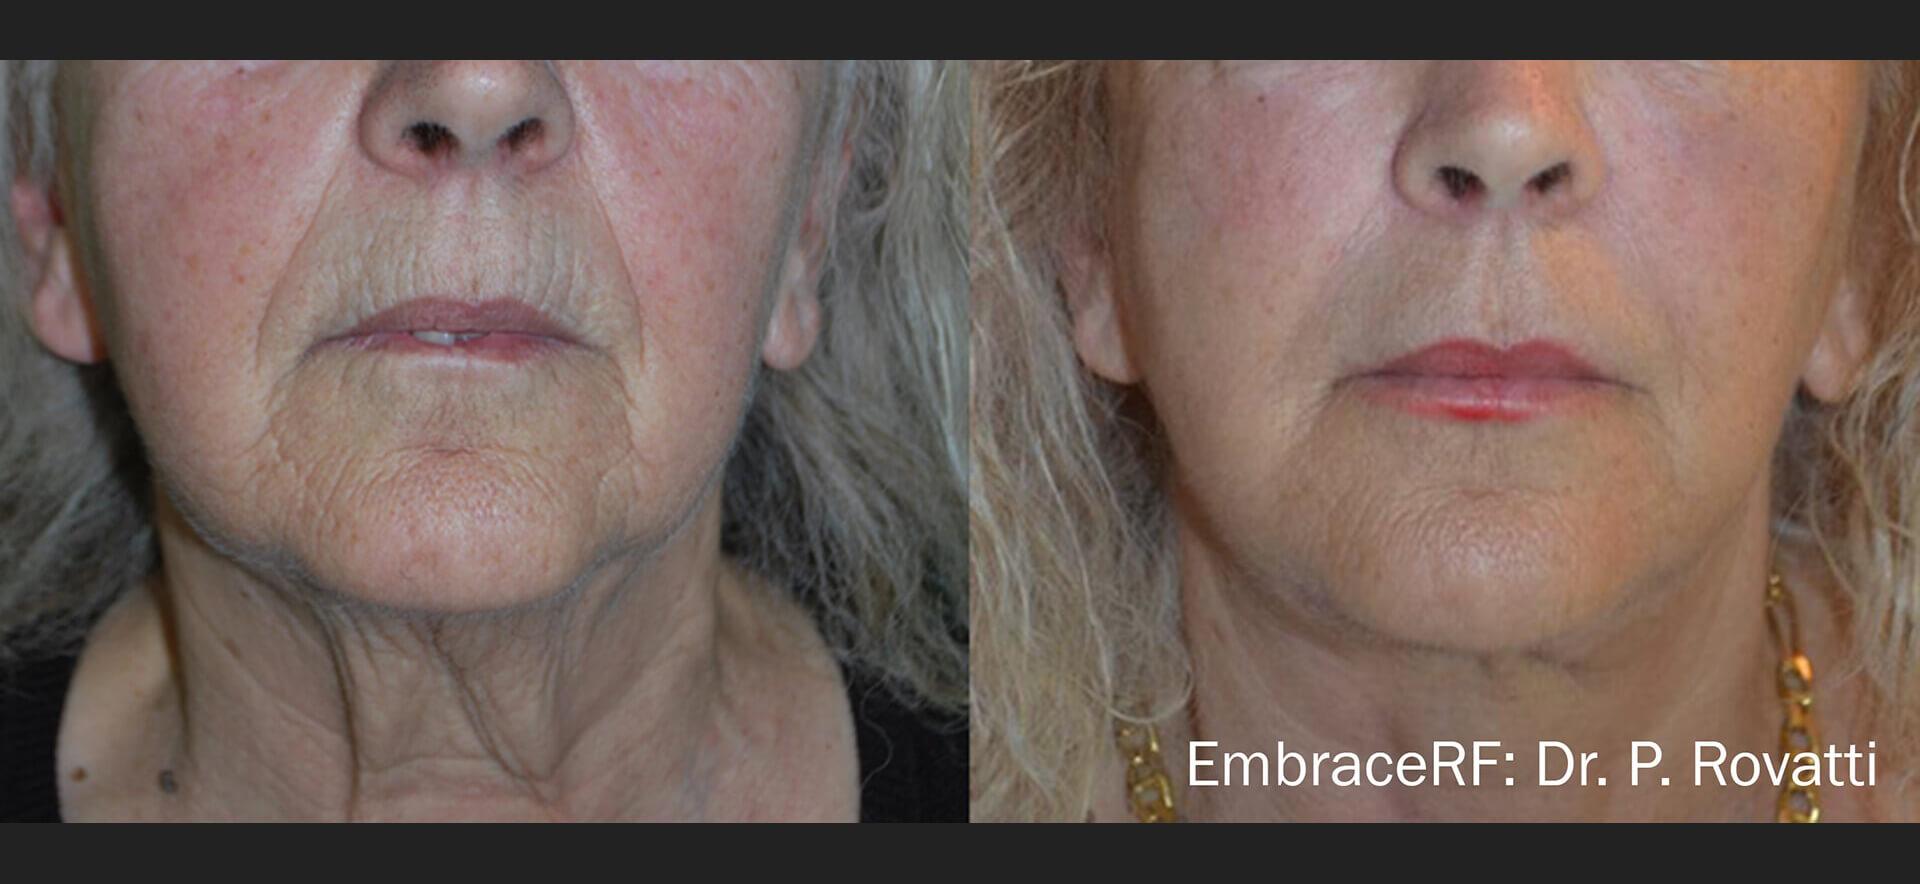 Rejuvenare faciala si reducere riduri cu aparatul EmbraceRF de la Inmode